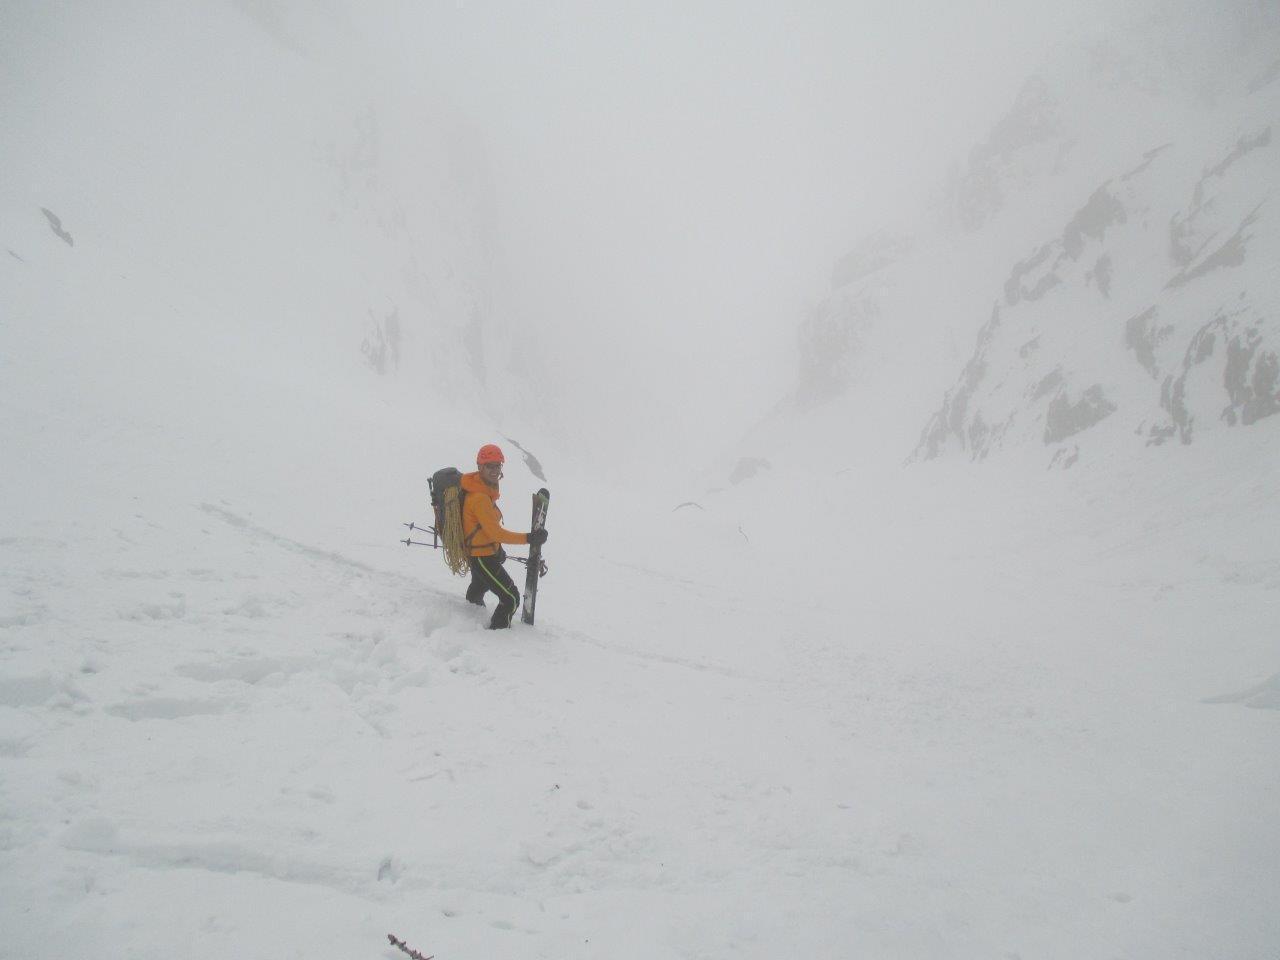 Paolo si prepara a scendere il canalone di accesso in neve molle